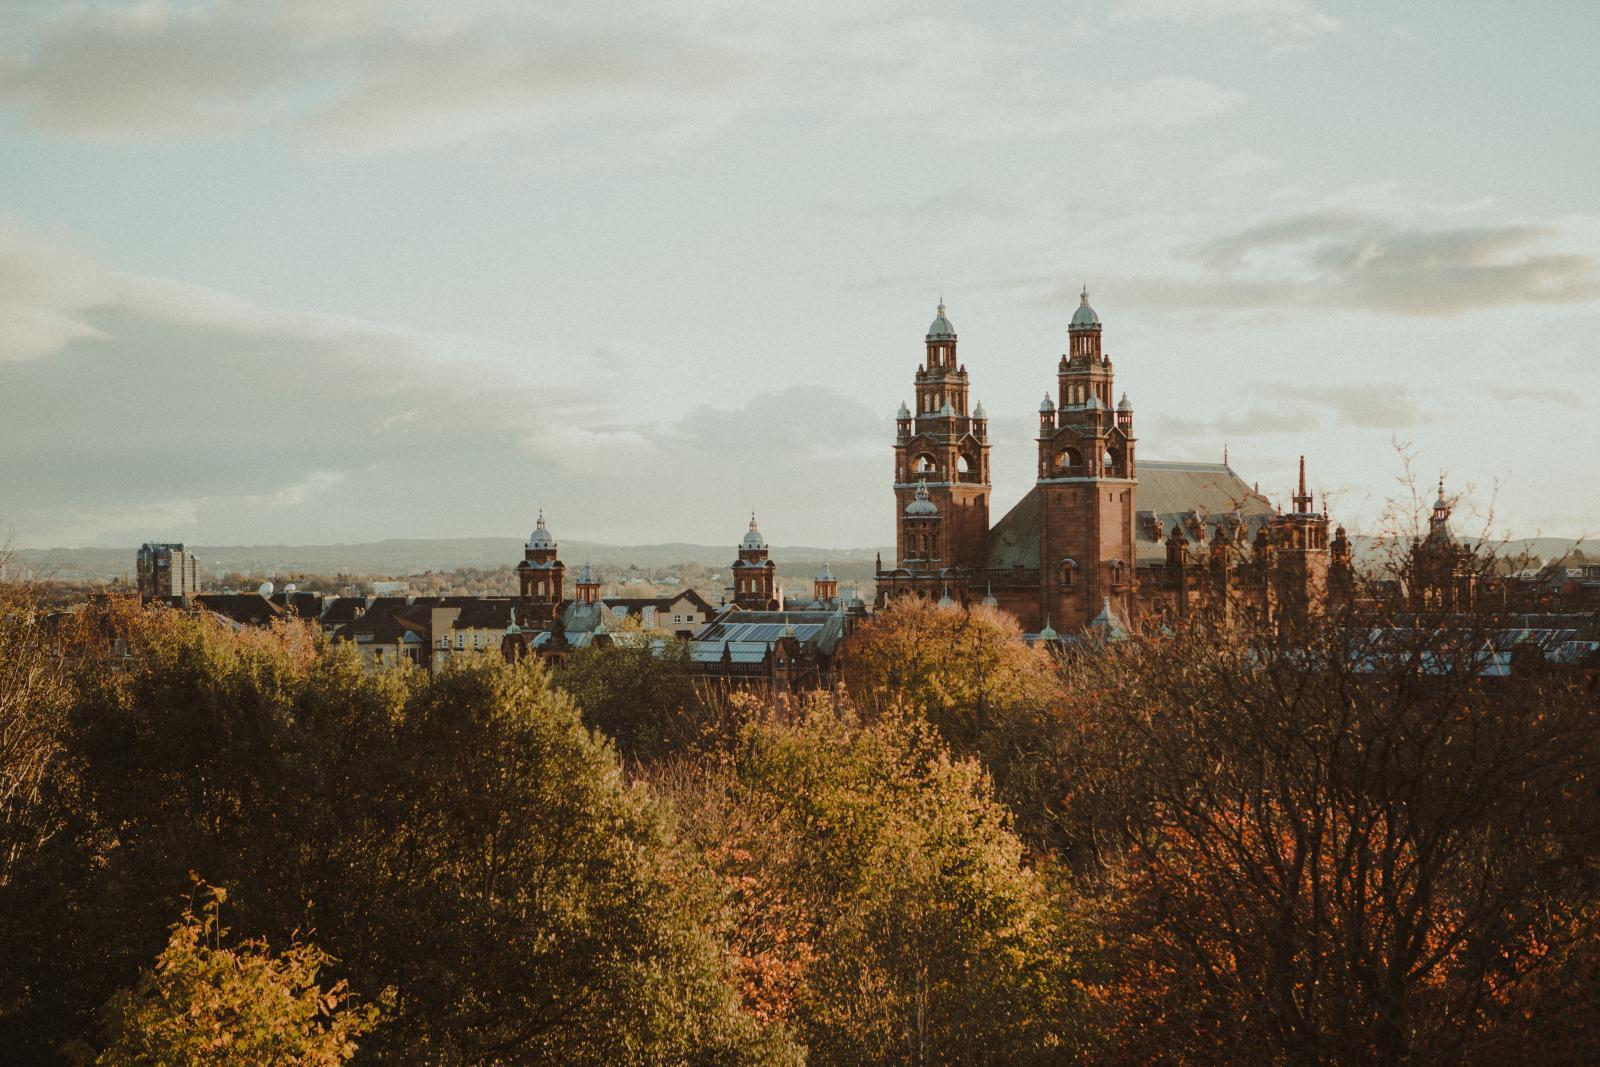 Photo by Anna Urlapova from Pexels